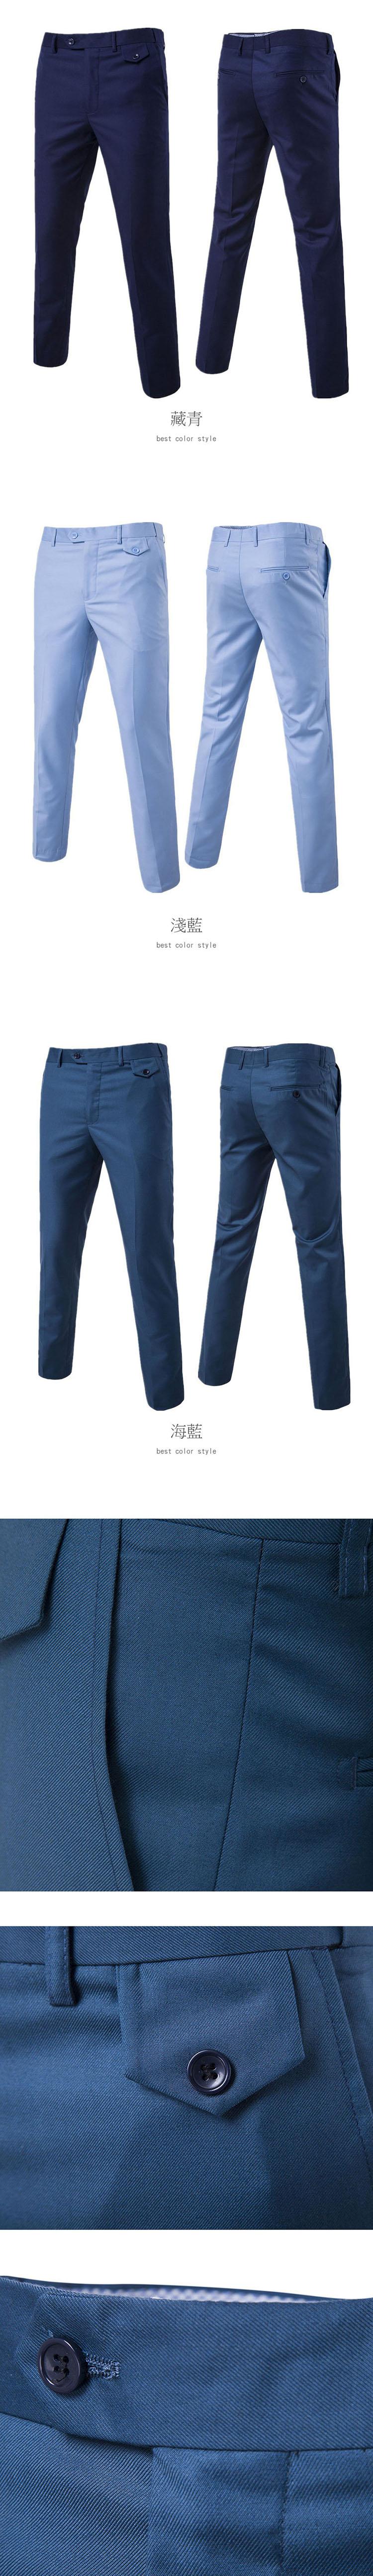 經典單品.布釦設計西裝褲